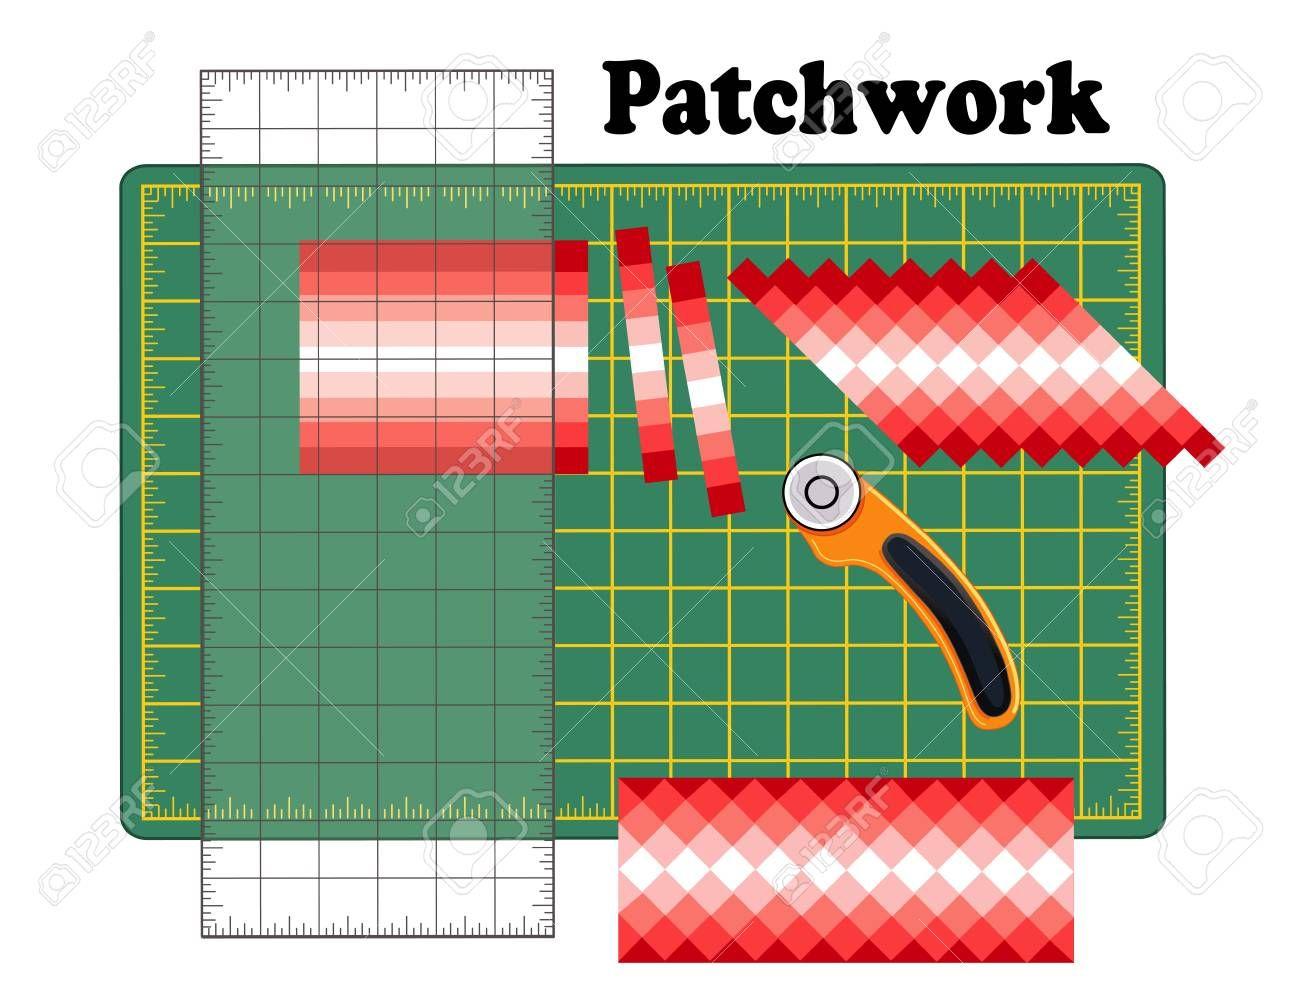 Patchwork Diy Schneidematte Quilterlineal Rotierender Klingenschneider Traditionelles Streifenmuster Streifen In Designs Umordnen Fur Kunst Handwerk Nah In 2020 Patchwork Diy Seminole Patchwork Quilters